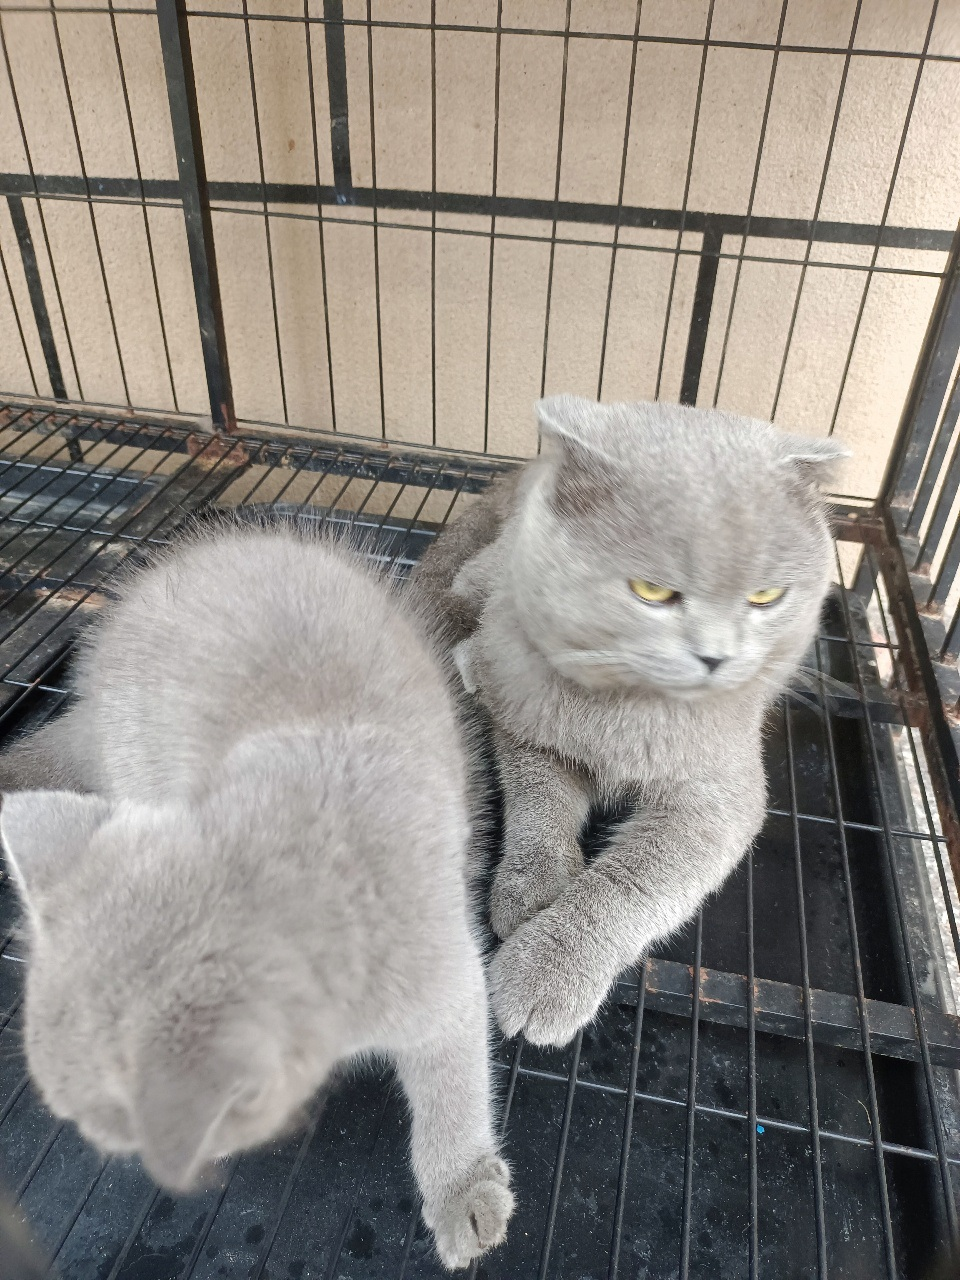 英短蓝猫【出售】,狸花猫【免费领养】!